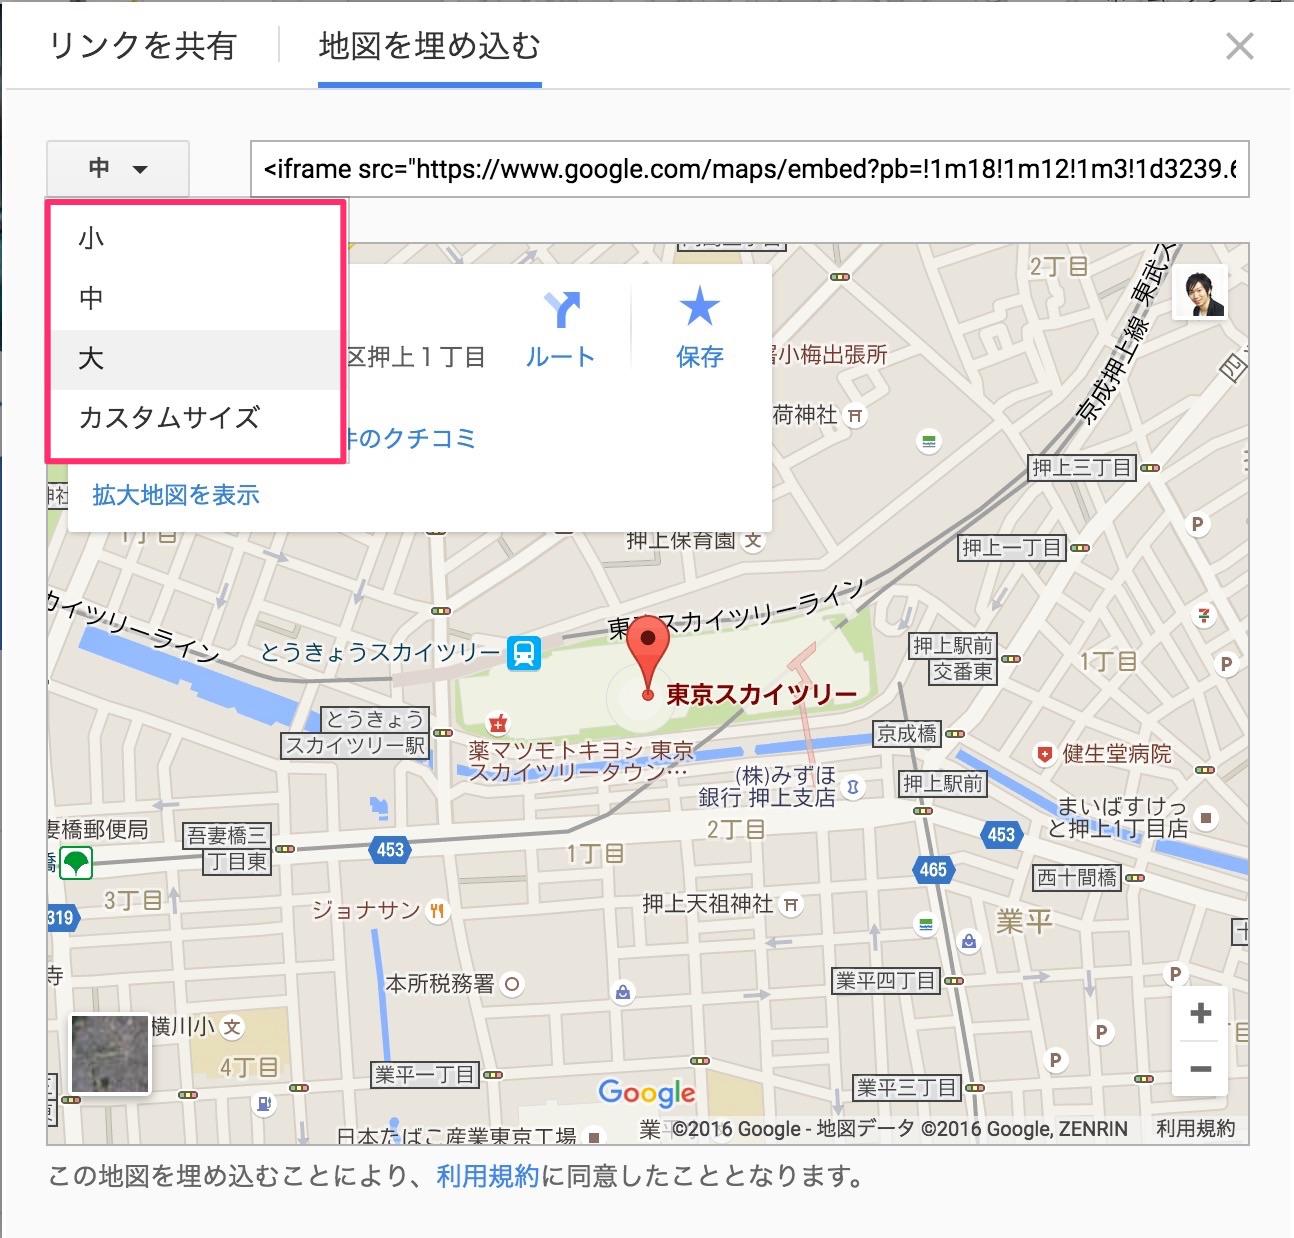 googlemap 埋め込み方法4